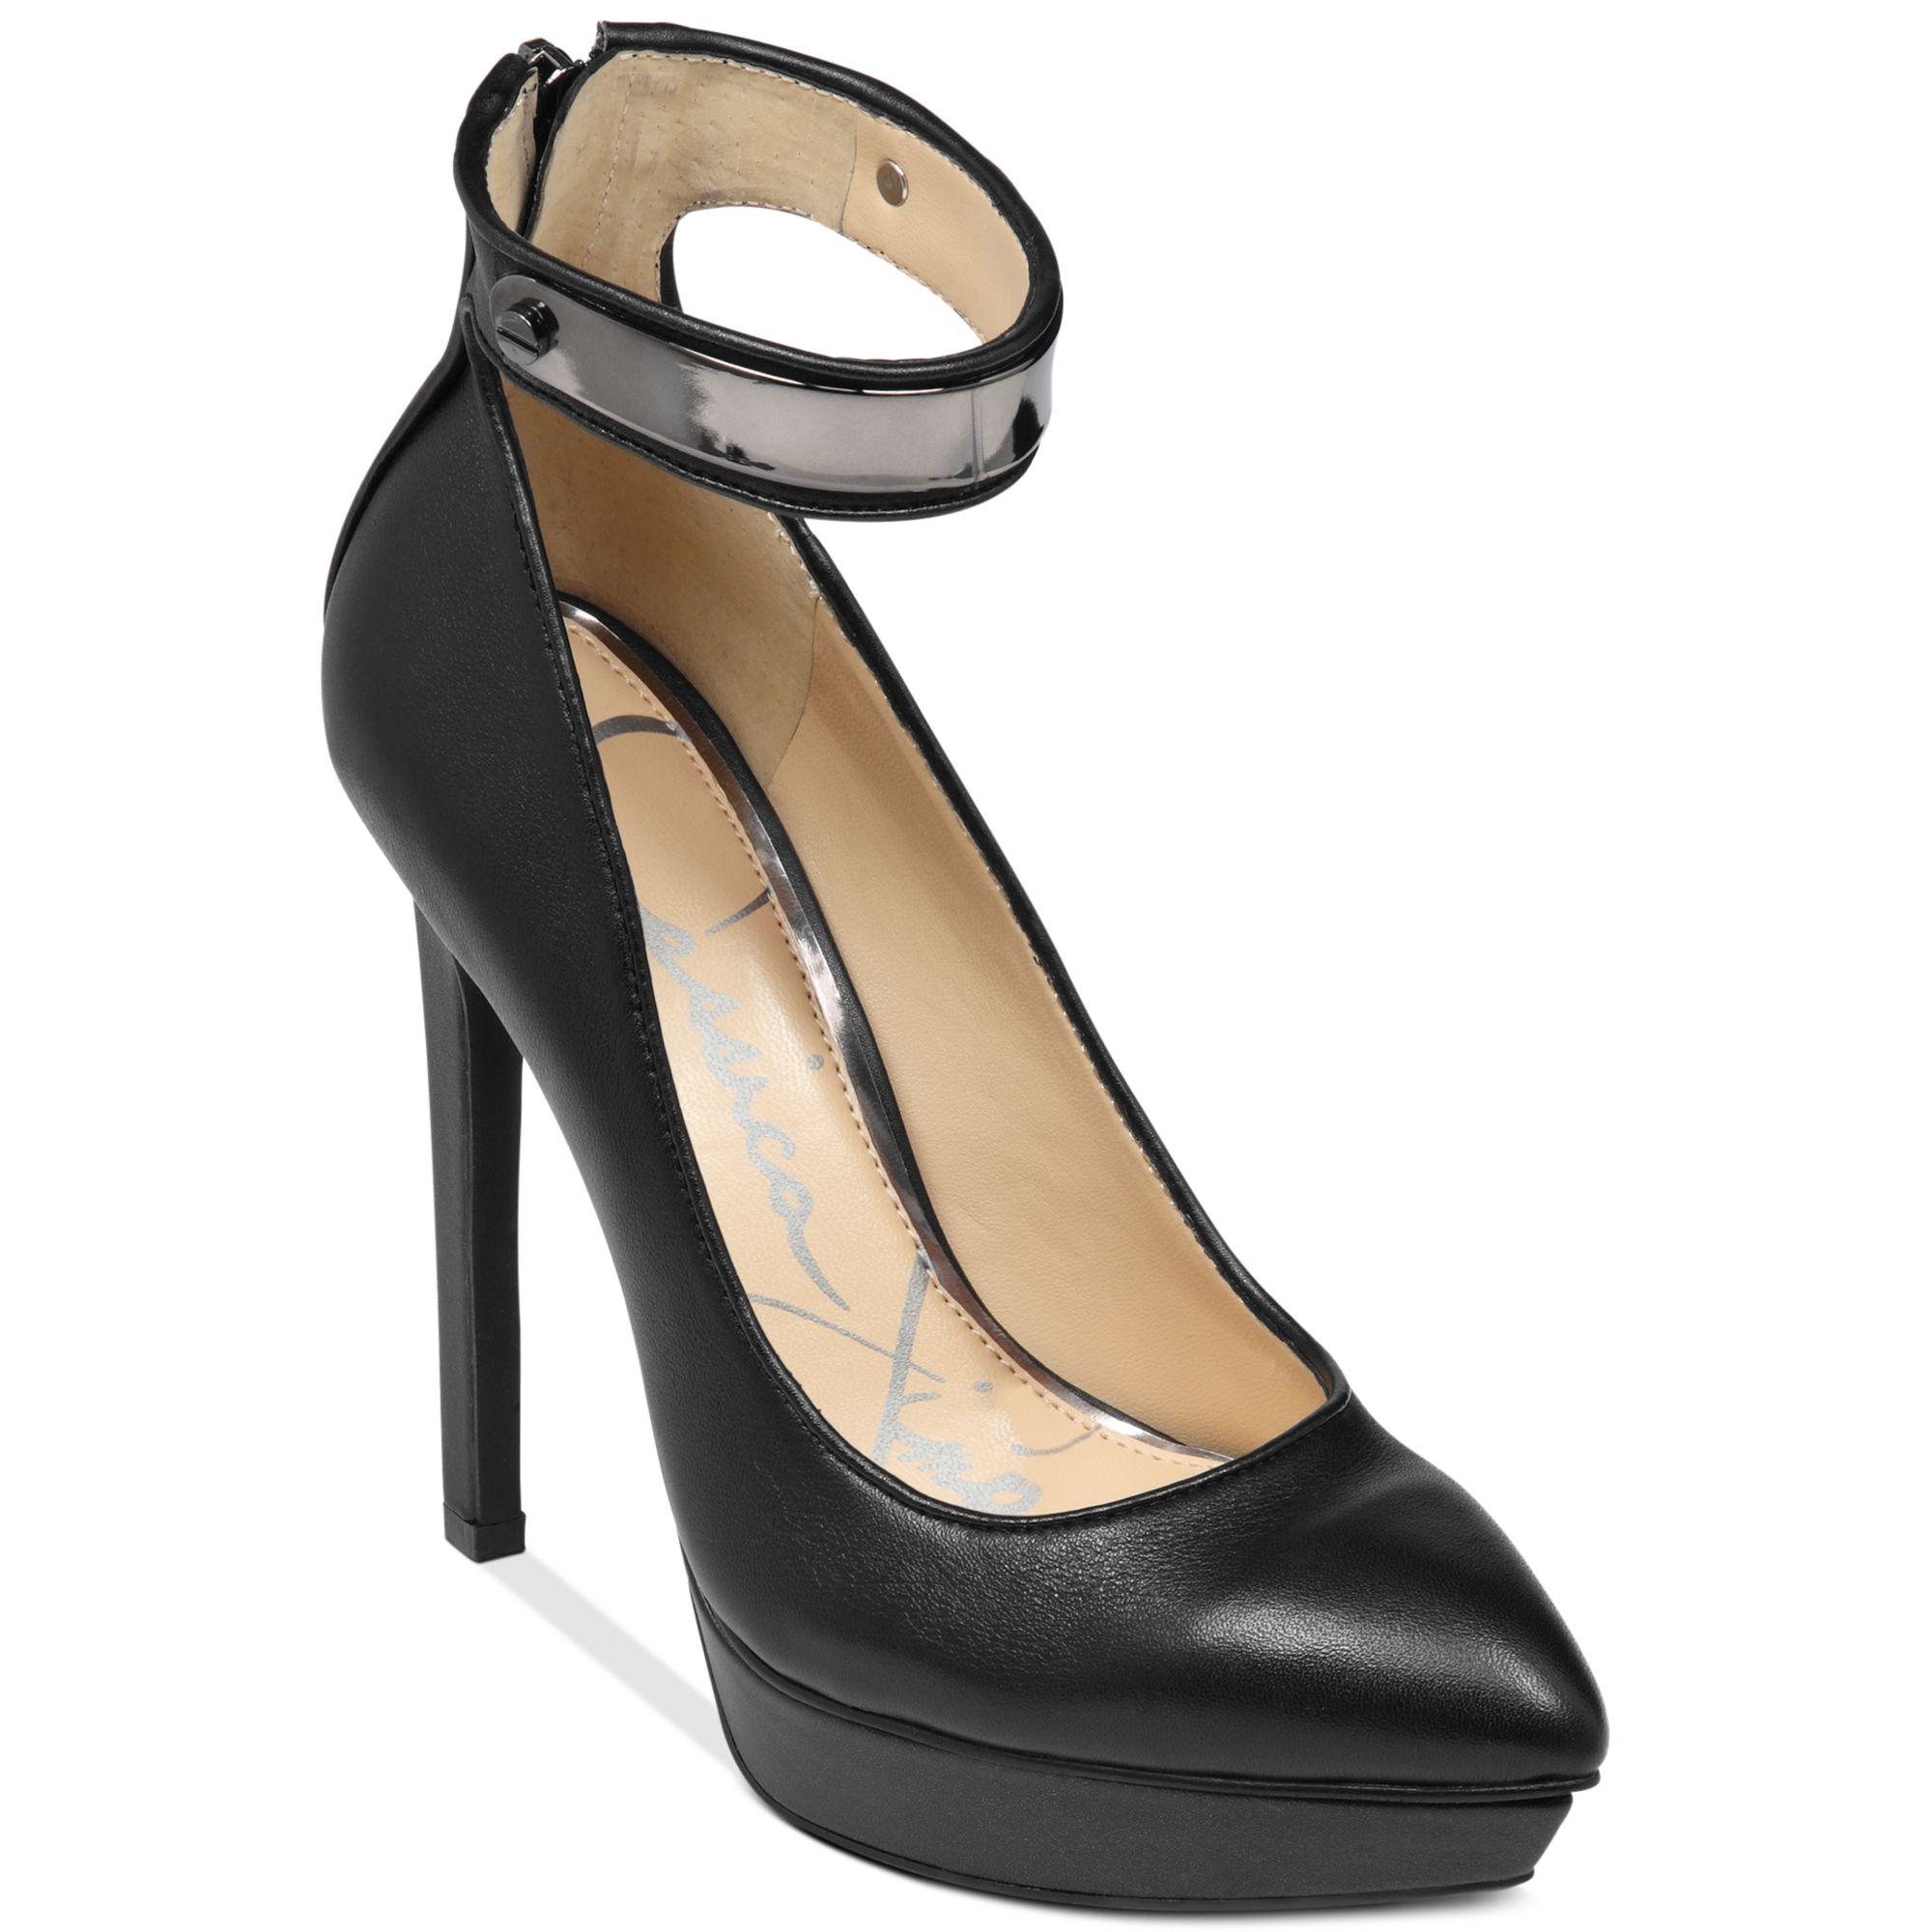 Jessica simpson Voilla Ankle Strap Platform Pumps in Black | Lyst